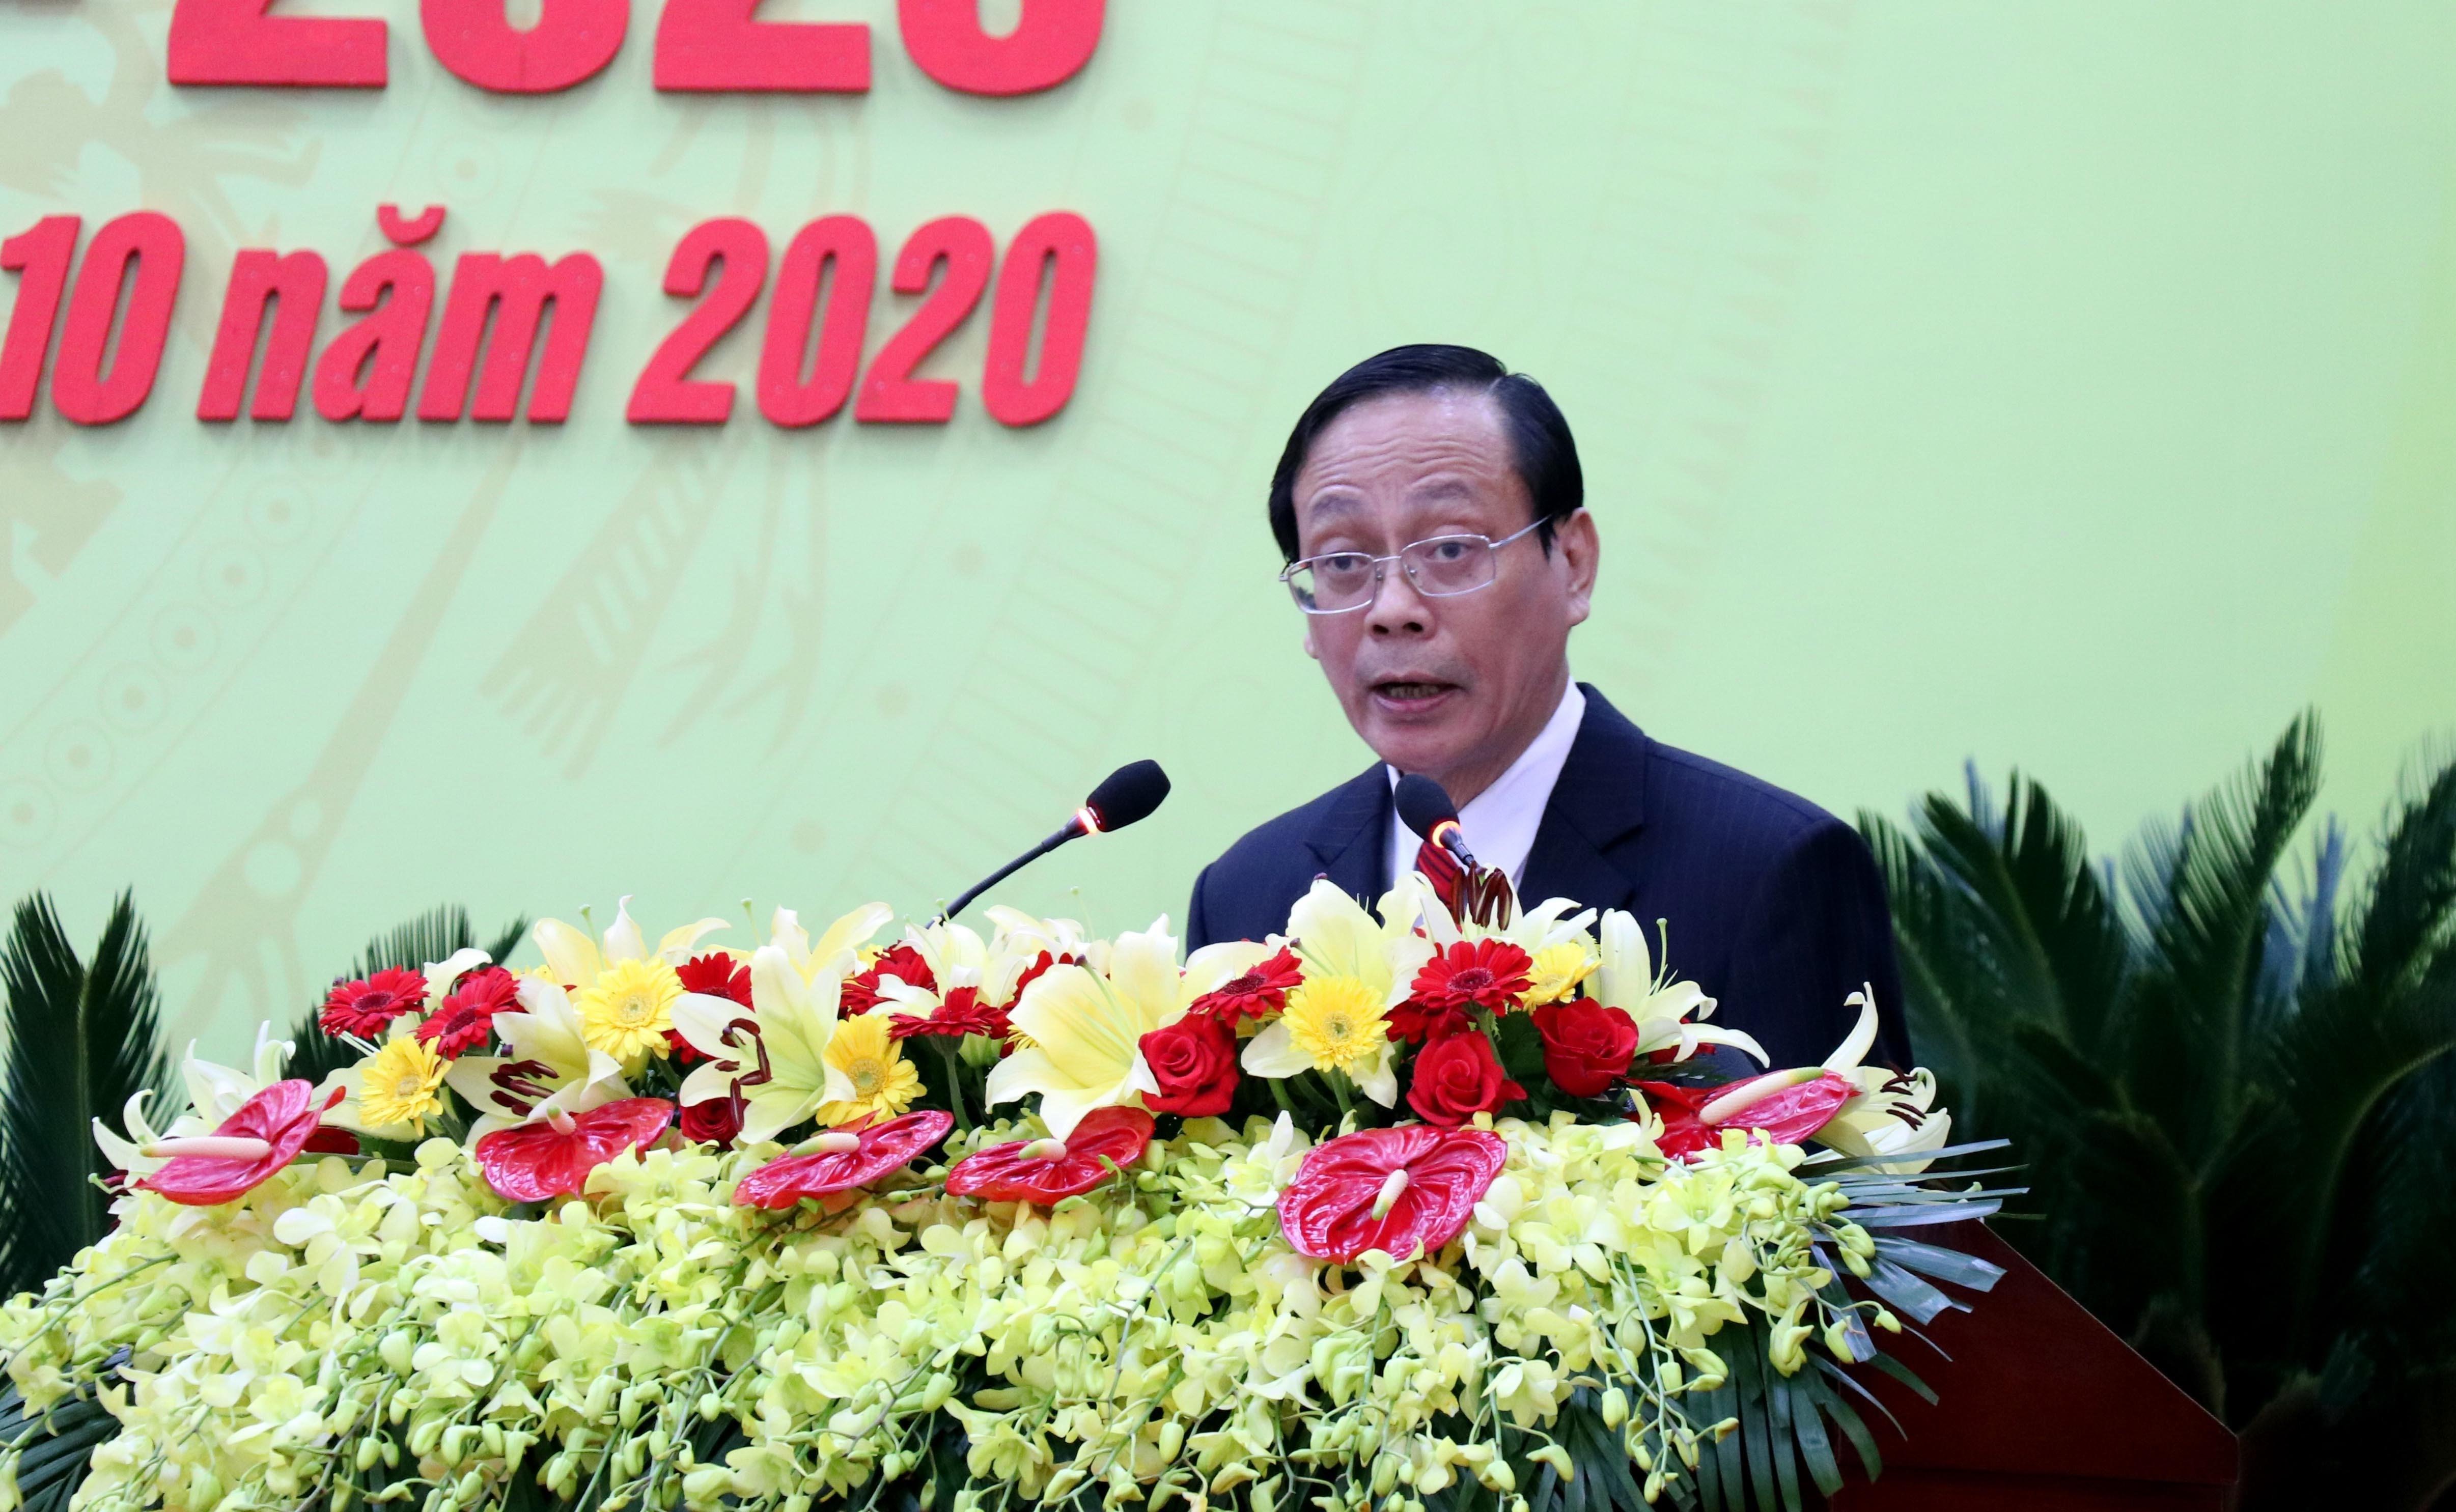 Đồng chí Nguyễn Đức Thanh tái đắc cử Bí thư Tỉnh ủy Ninh Thuận khóa XIV